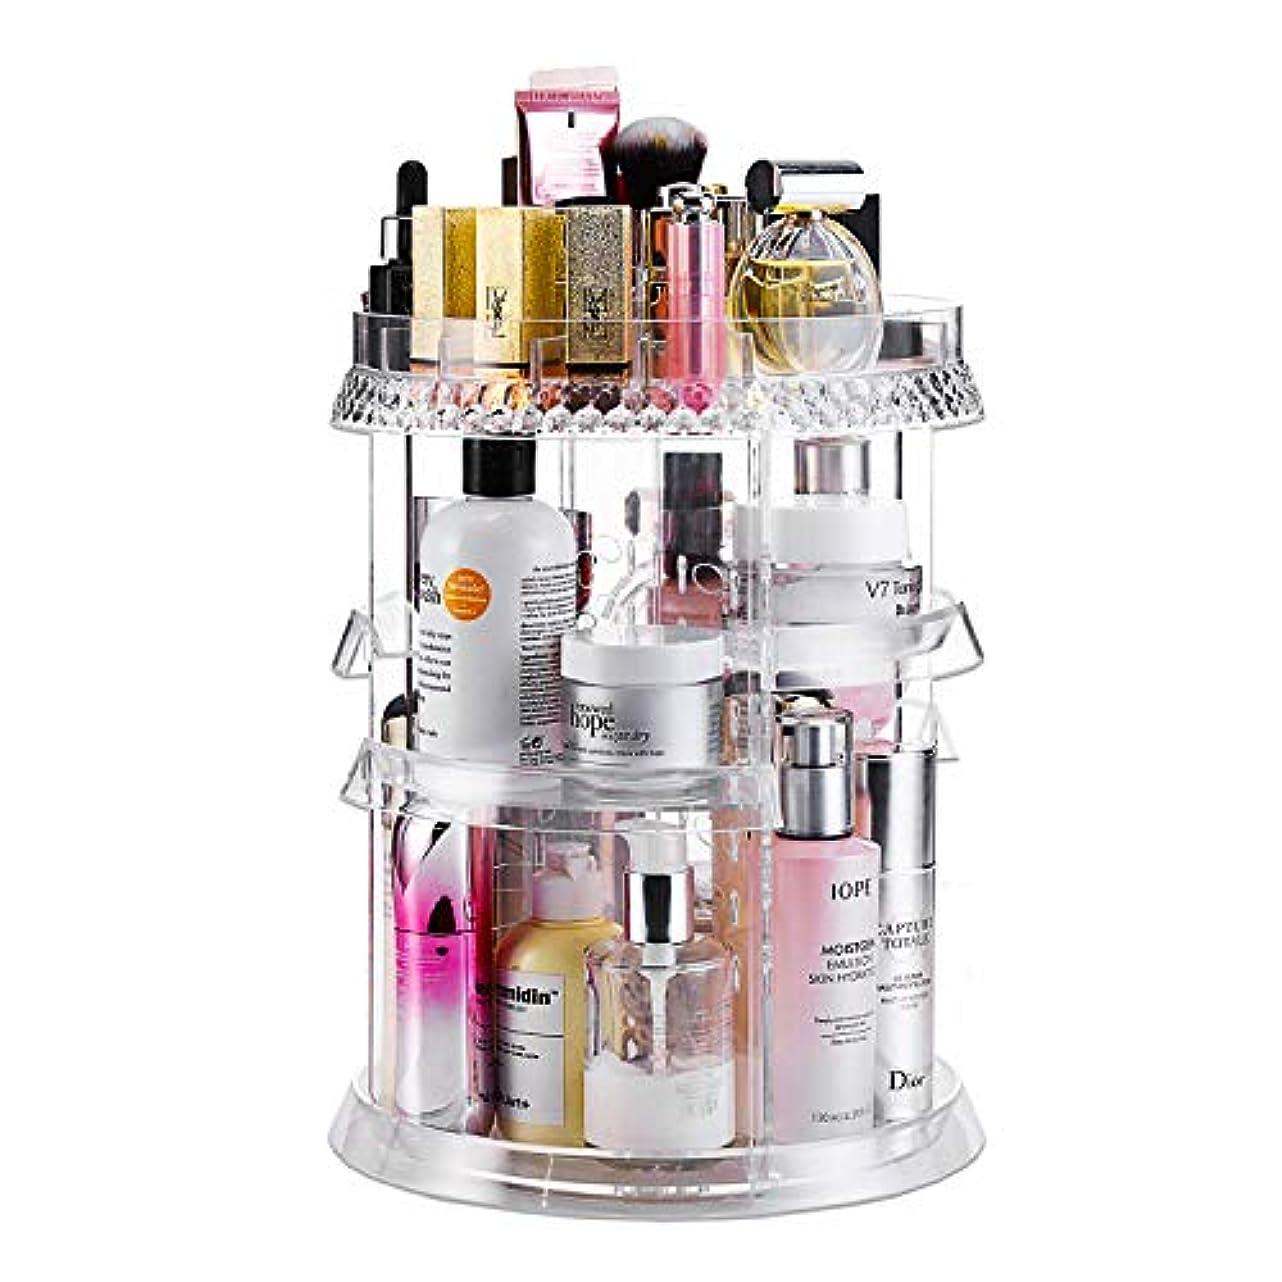 接ぎ木熟練した感染するVoimakas 化粧品収納ボックス コスメボックス 360度回転化粧品収納ラック 大容量透明化粧品ケース メイクボックス コスメ収納 アクセサリー収納 化粧品収納 女の子のギフト